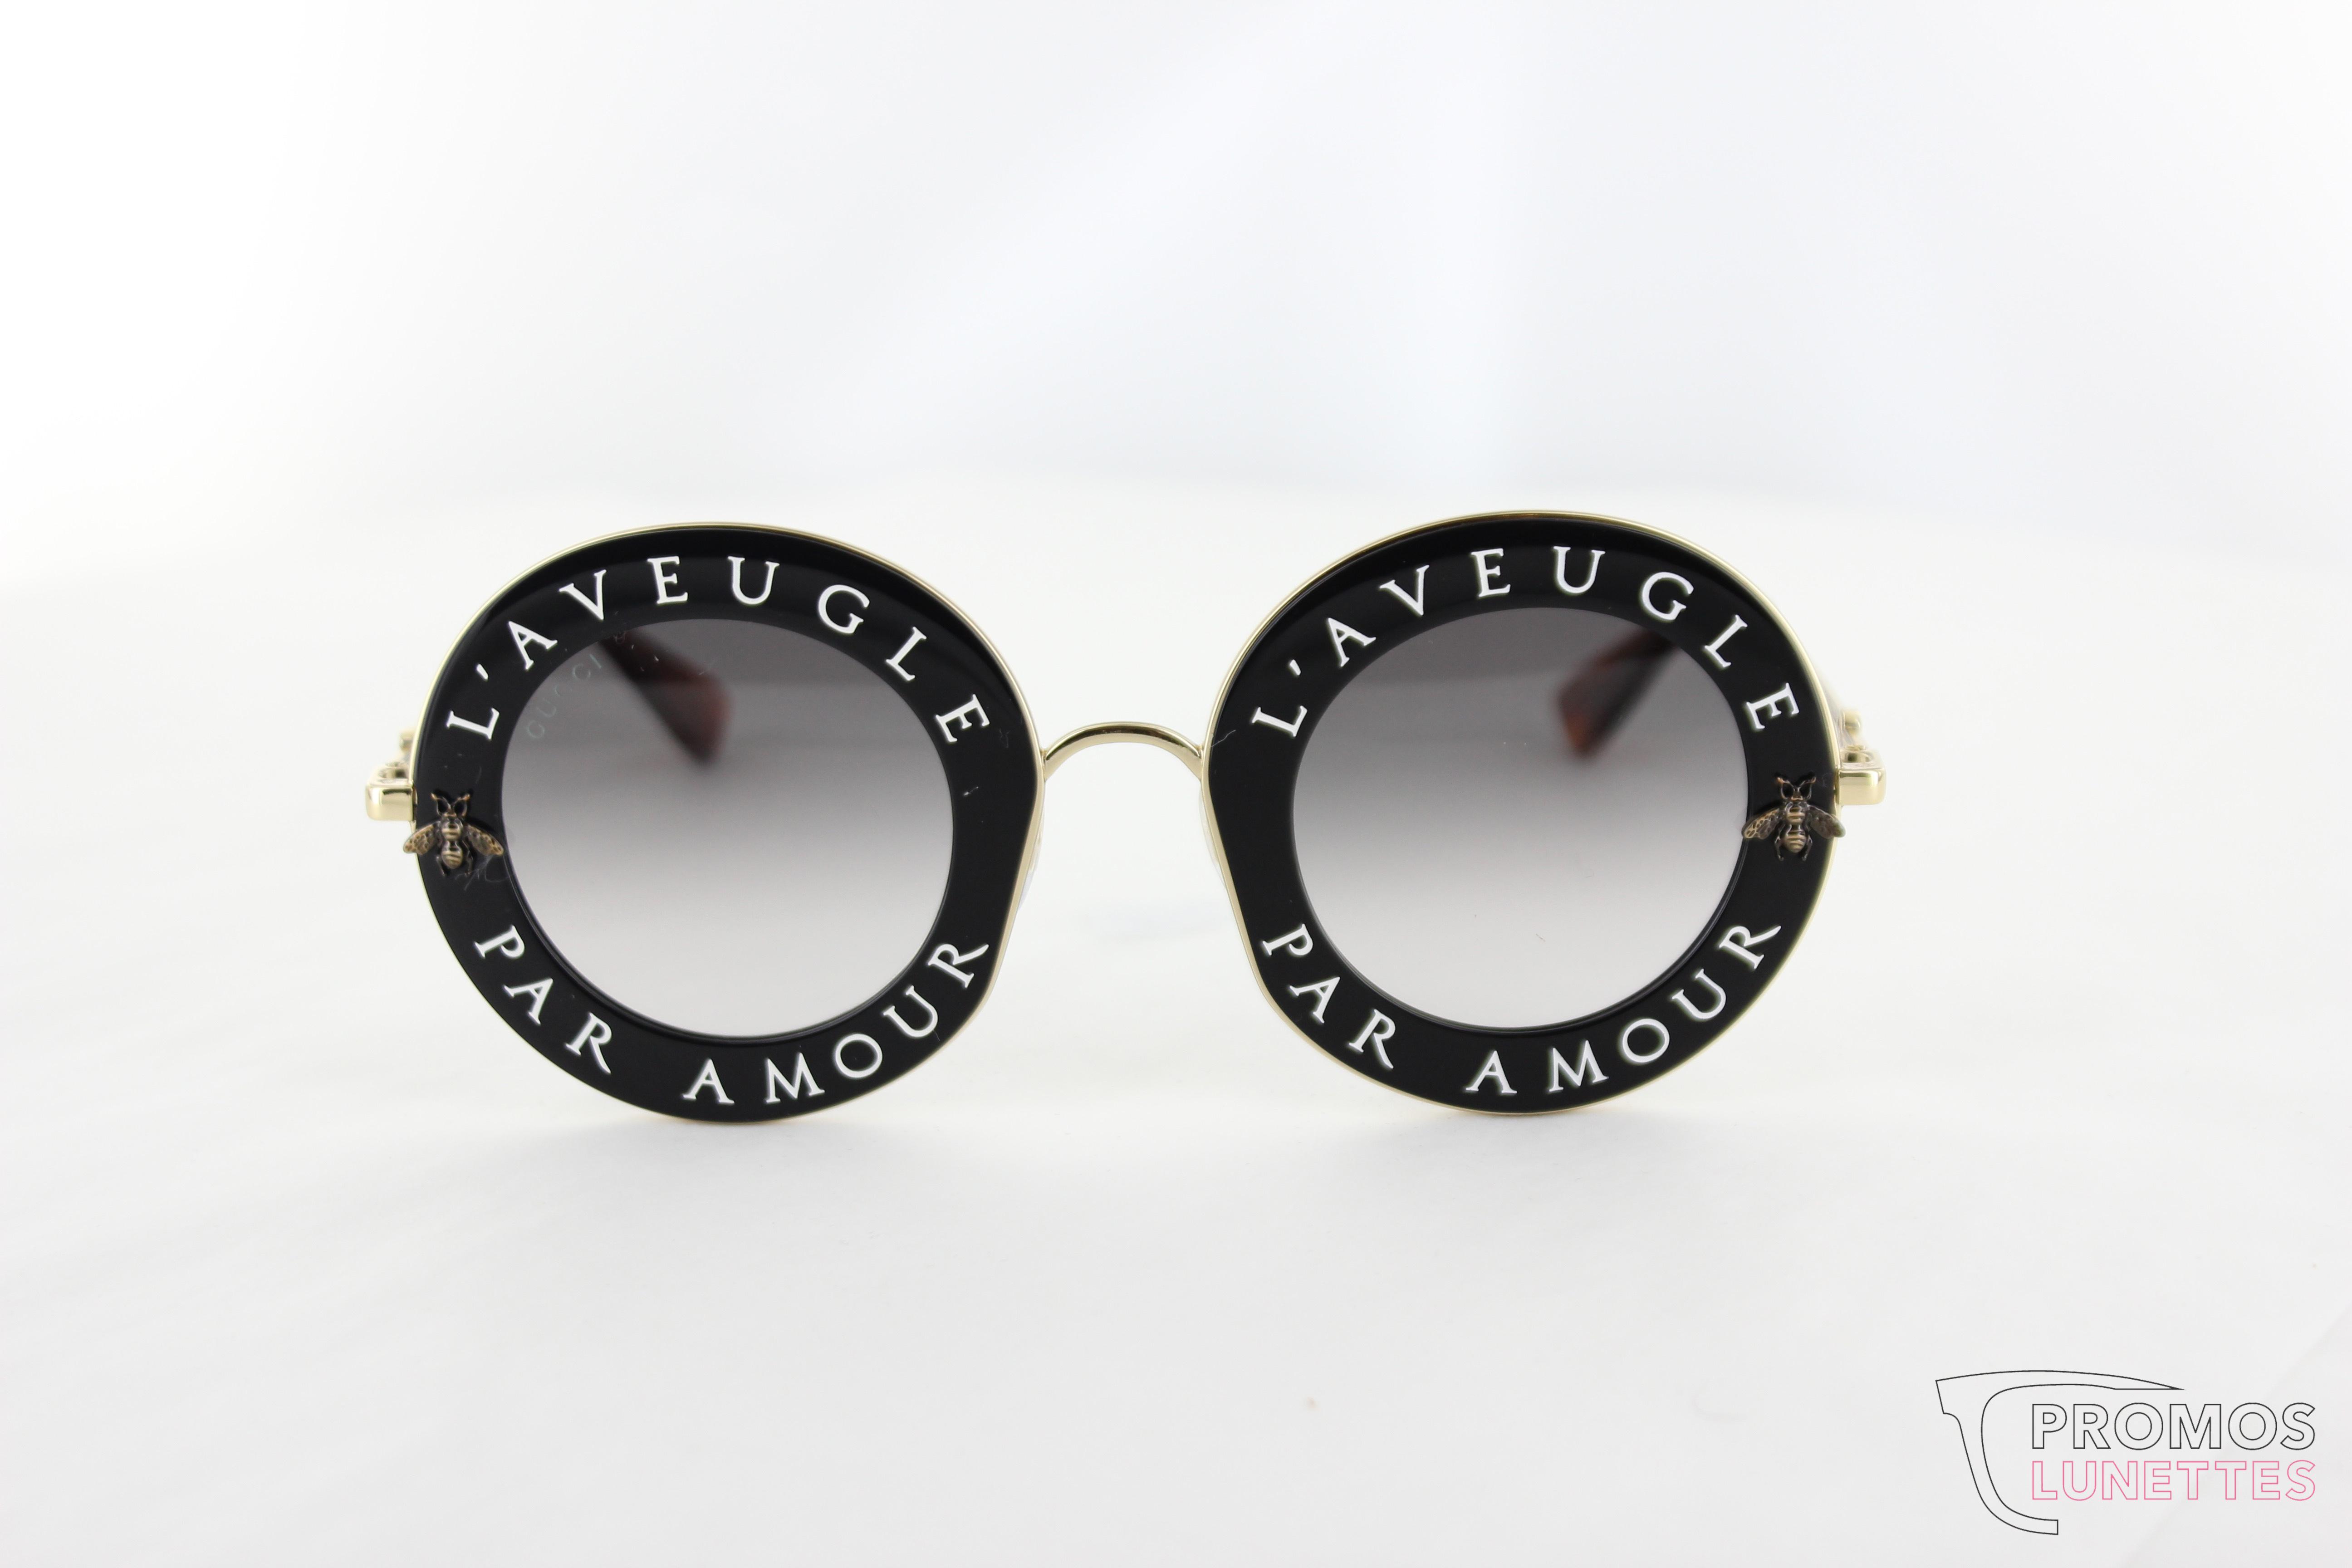 91d41eebbf9ccf Vous connaissez les lunettes de soleil Gucci   Cette marque de luxe  italienne propose des montures solaires de qualité, au style unique qui ne  manquent pas ...